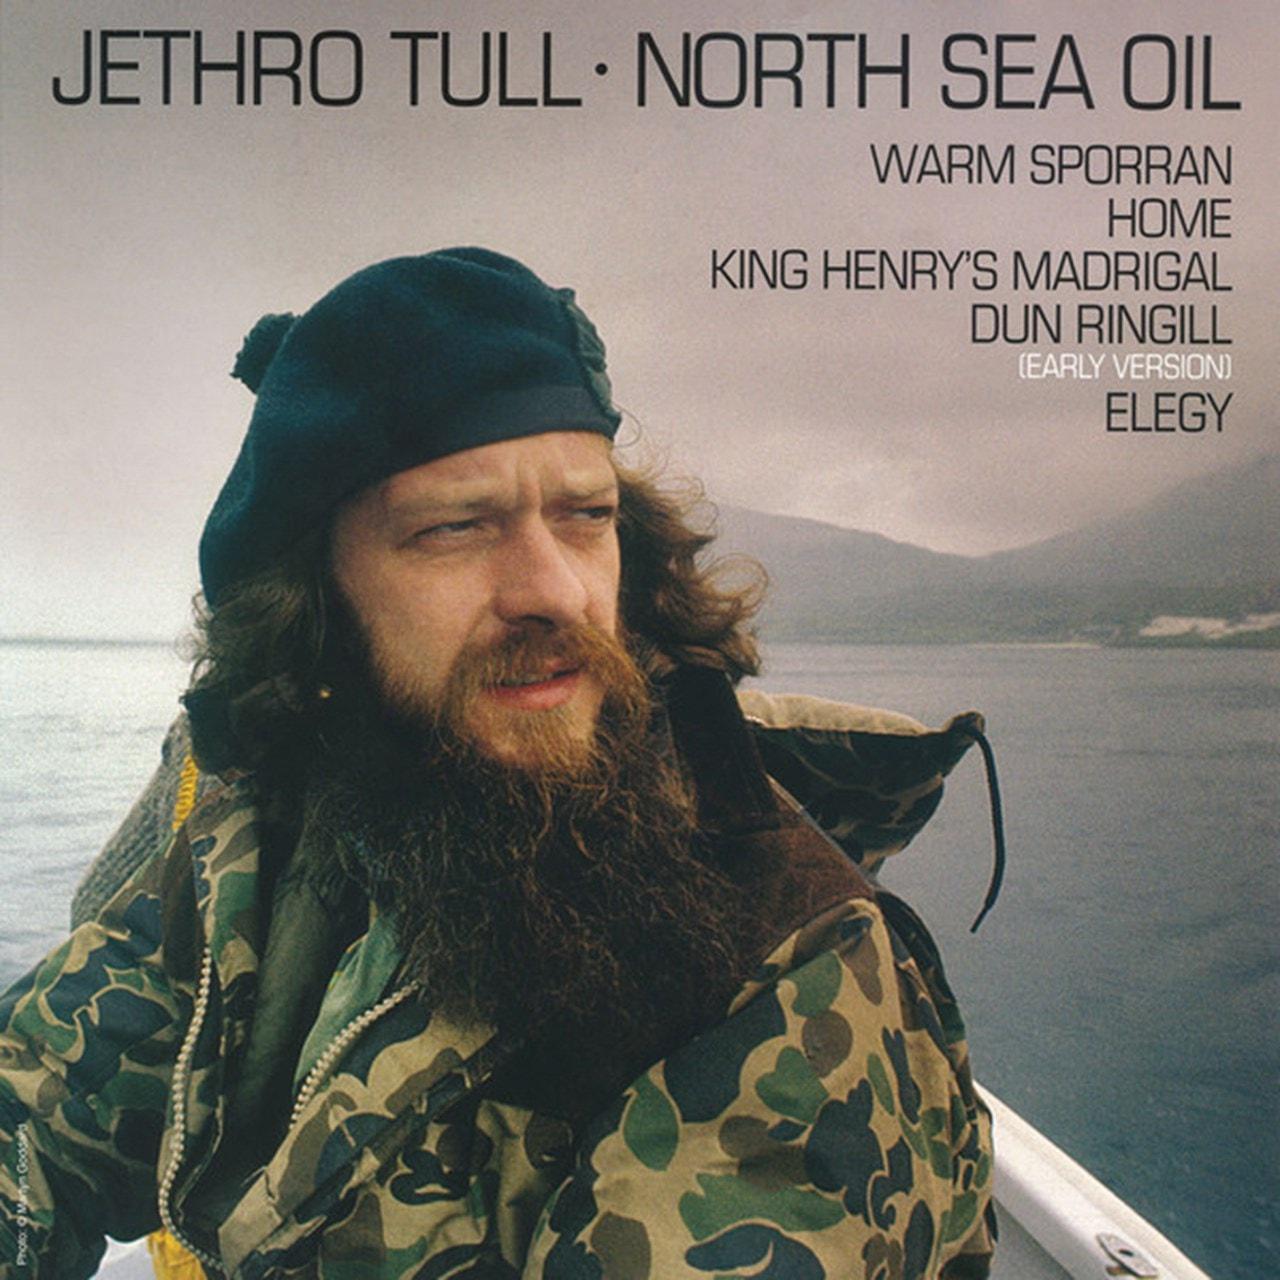 North Sea Oil - 1